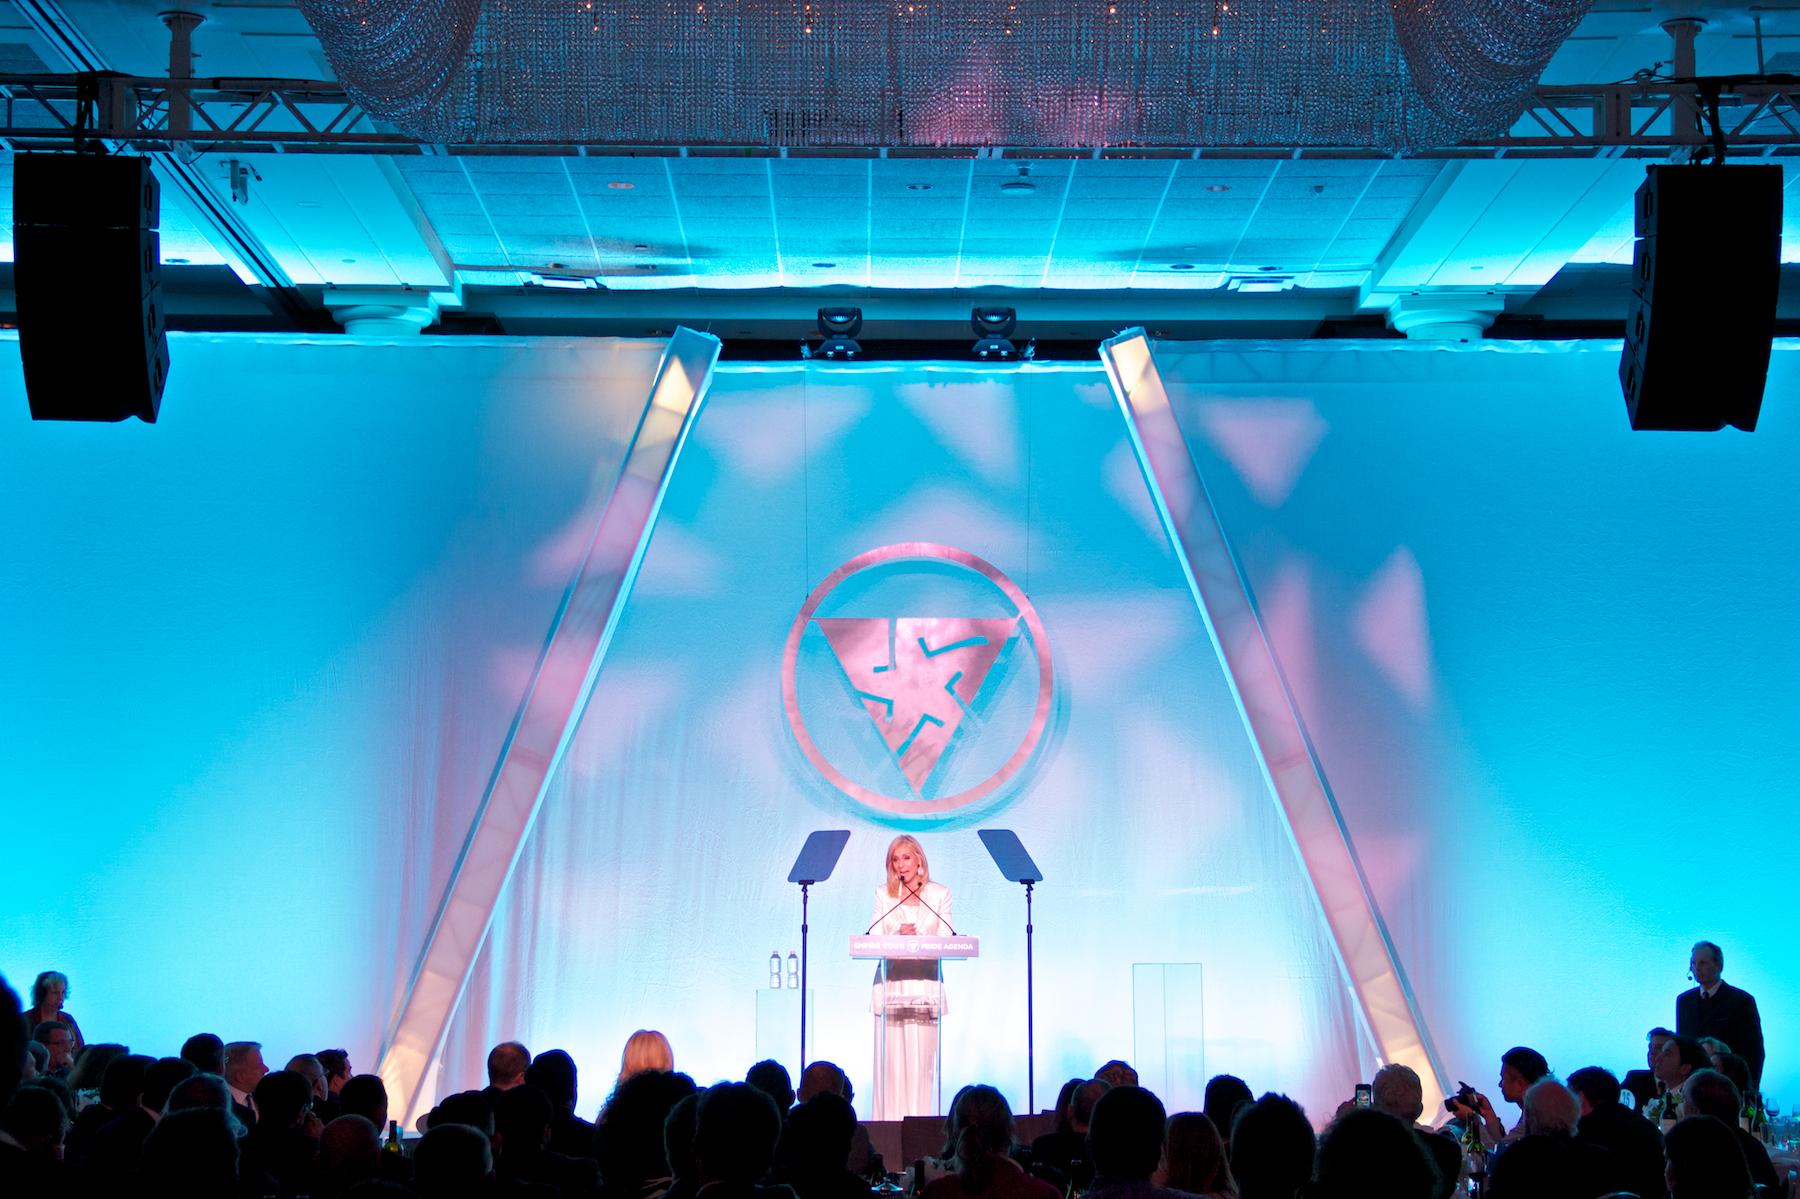 060_10-11-12 ESPA - On stage_IMG_1614.jpg